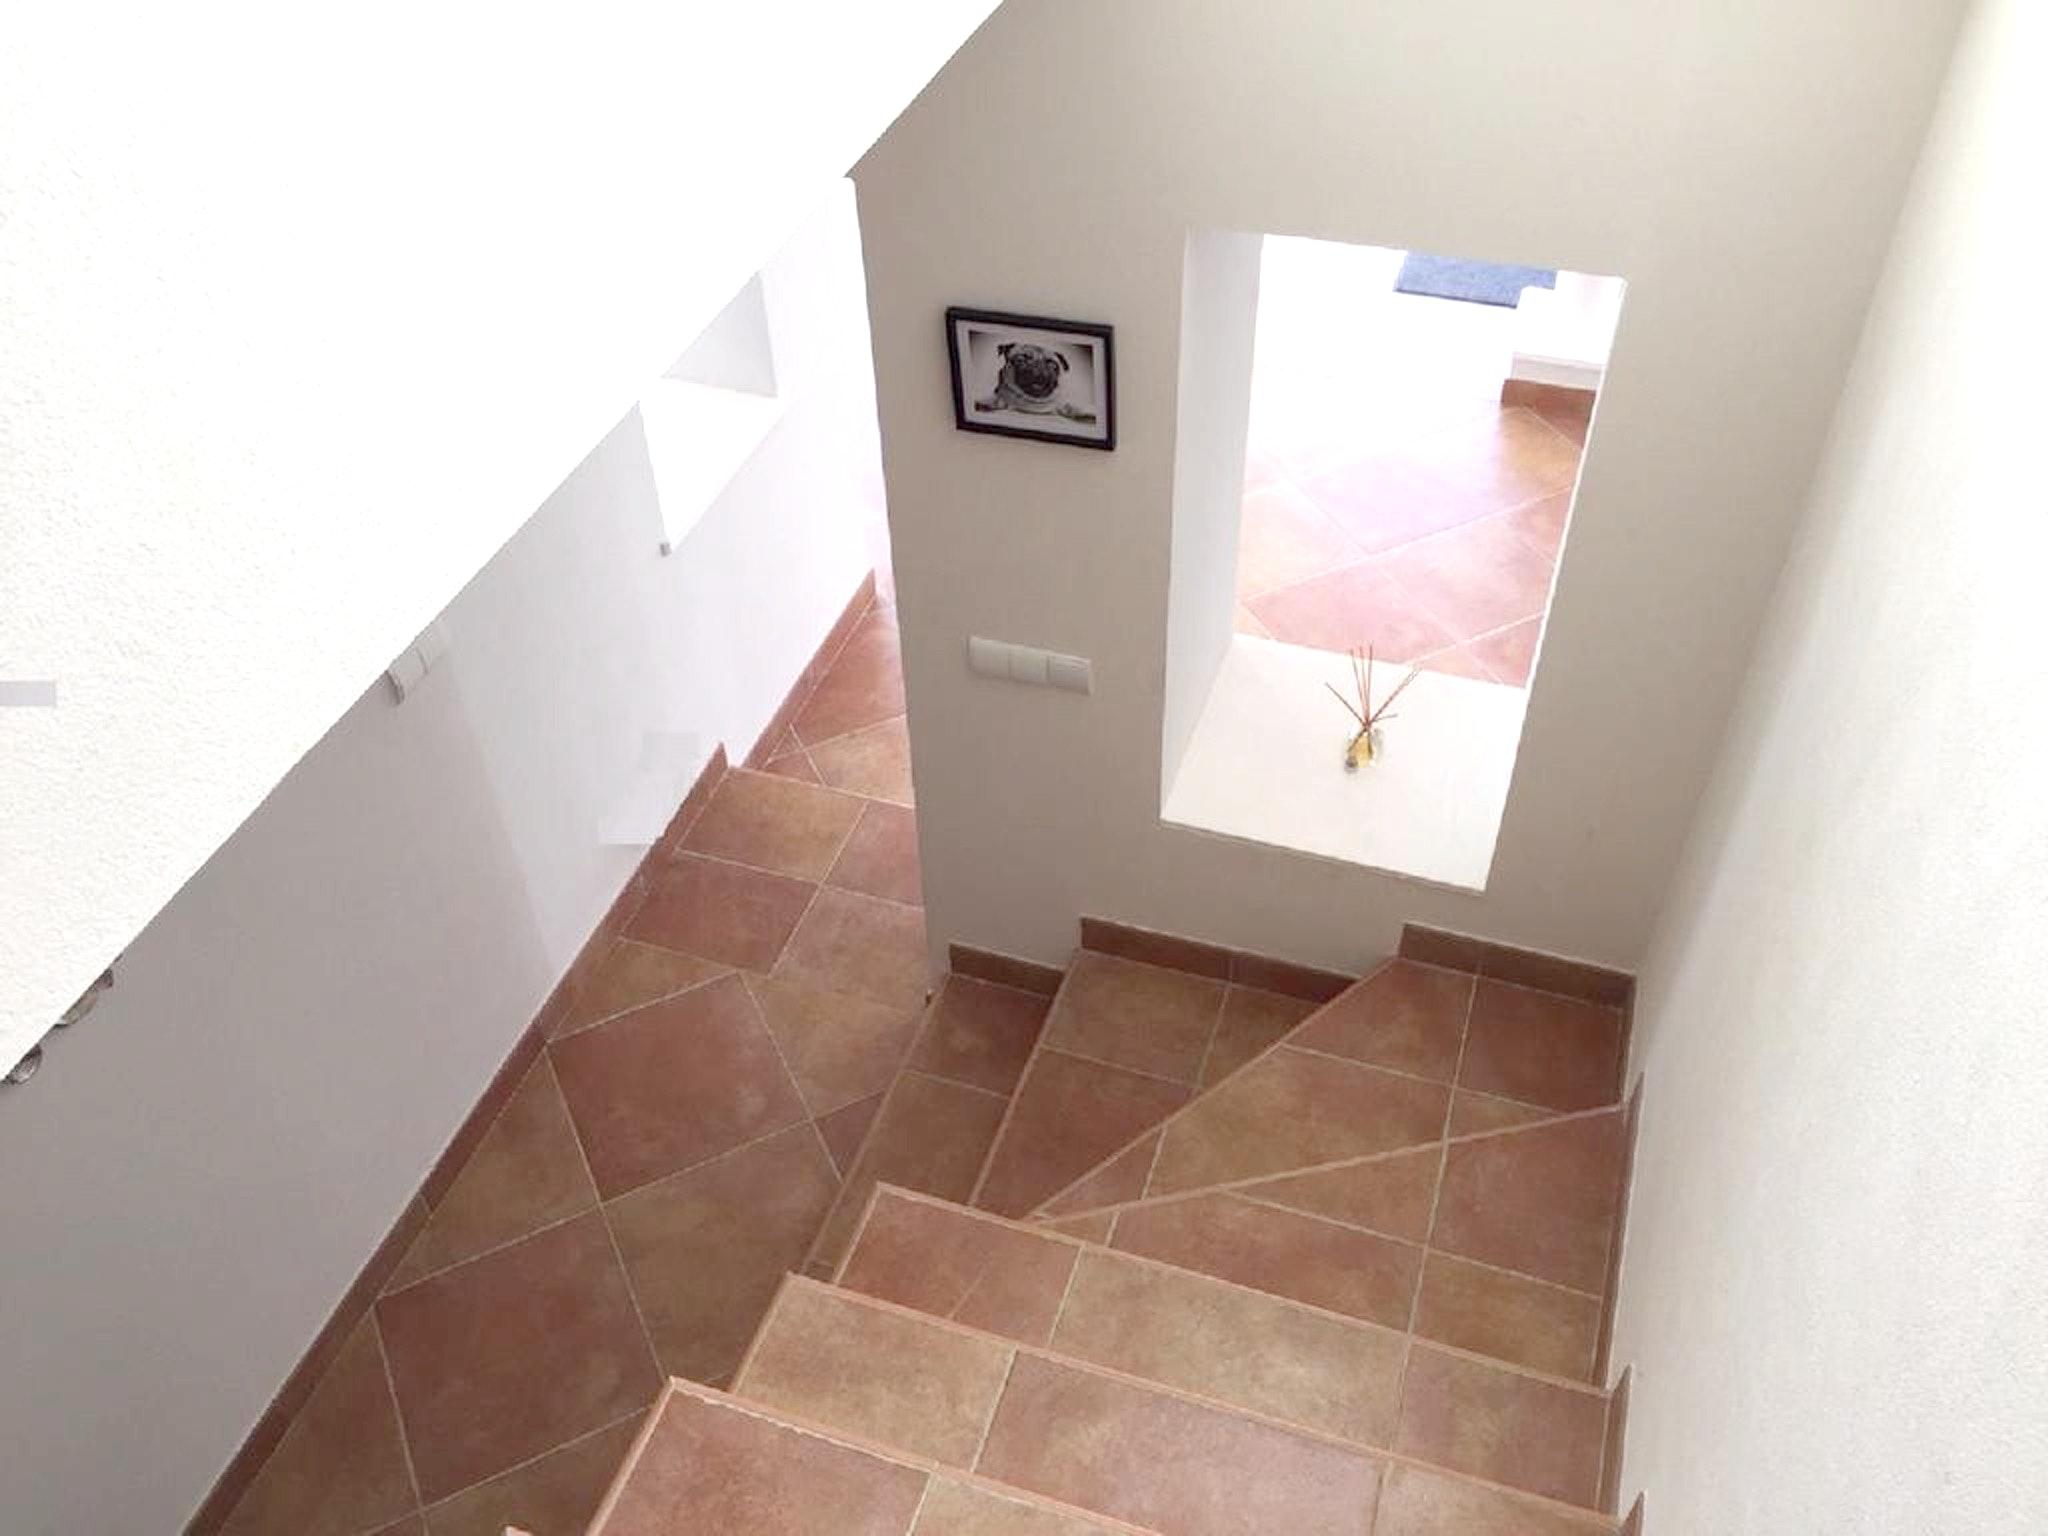 Maison de vacances Villa mit 5 Schlafzimmern in Rayol-Canadel-sur-Mer mit toller Aussicht auf die Berge, priv (2201555), Le Lavandou, Côte d'Azur, Provence - Alpes - Côte d'Azur, France, image 37